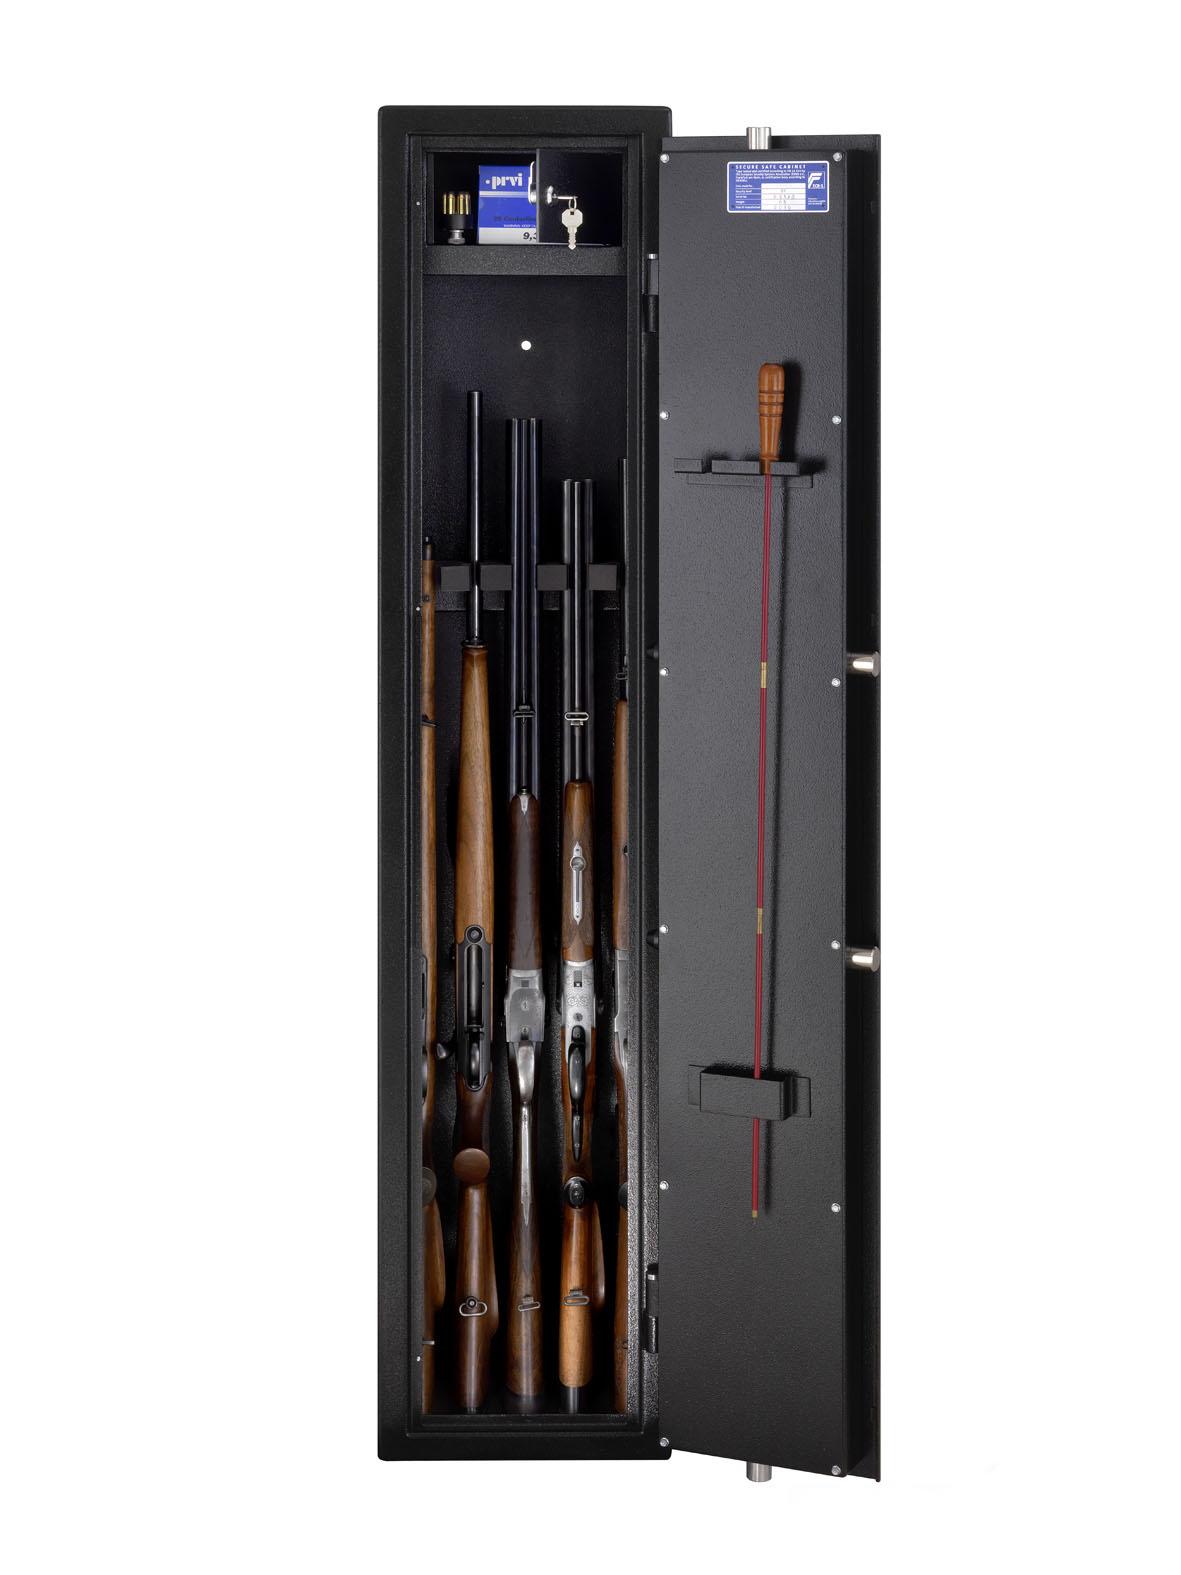 armoire fusils burg w chter ranger r s1 5 e serrure lectronique module biom trique. Black Bedroom Furniture Sets. Home Design Ideas